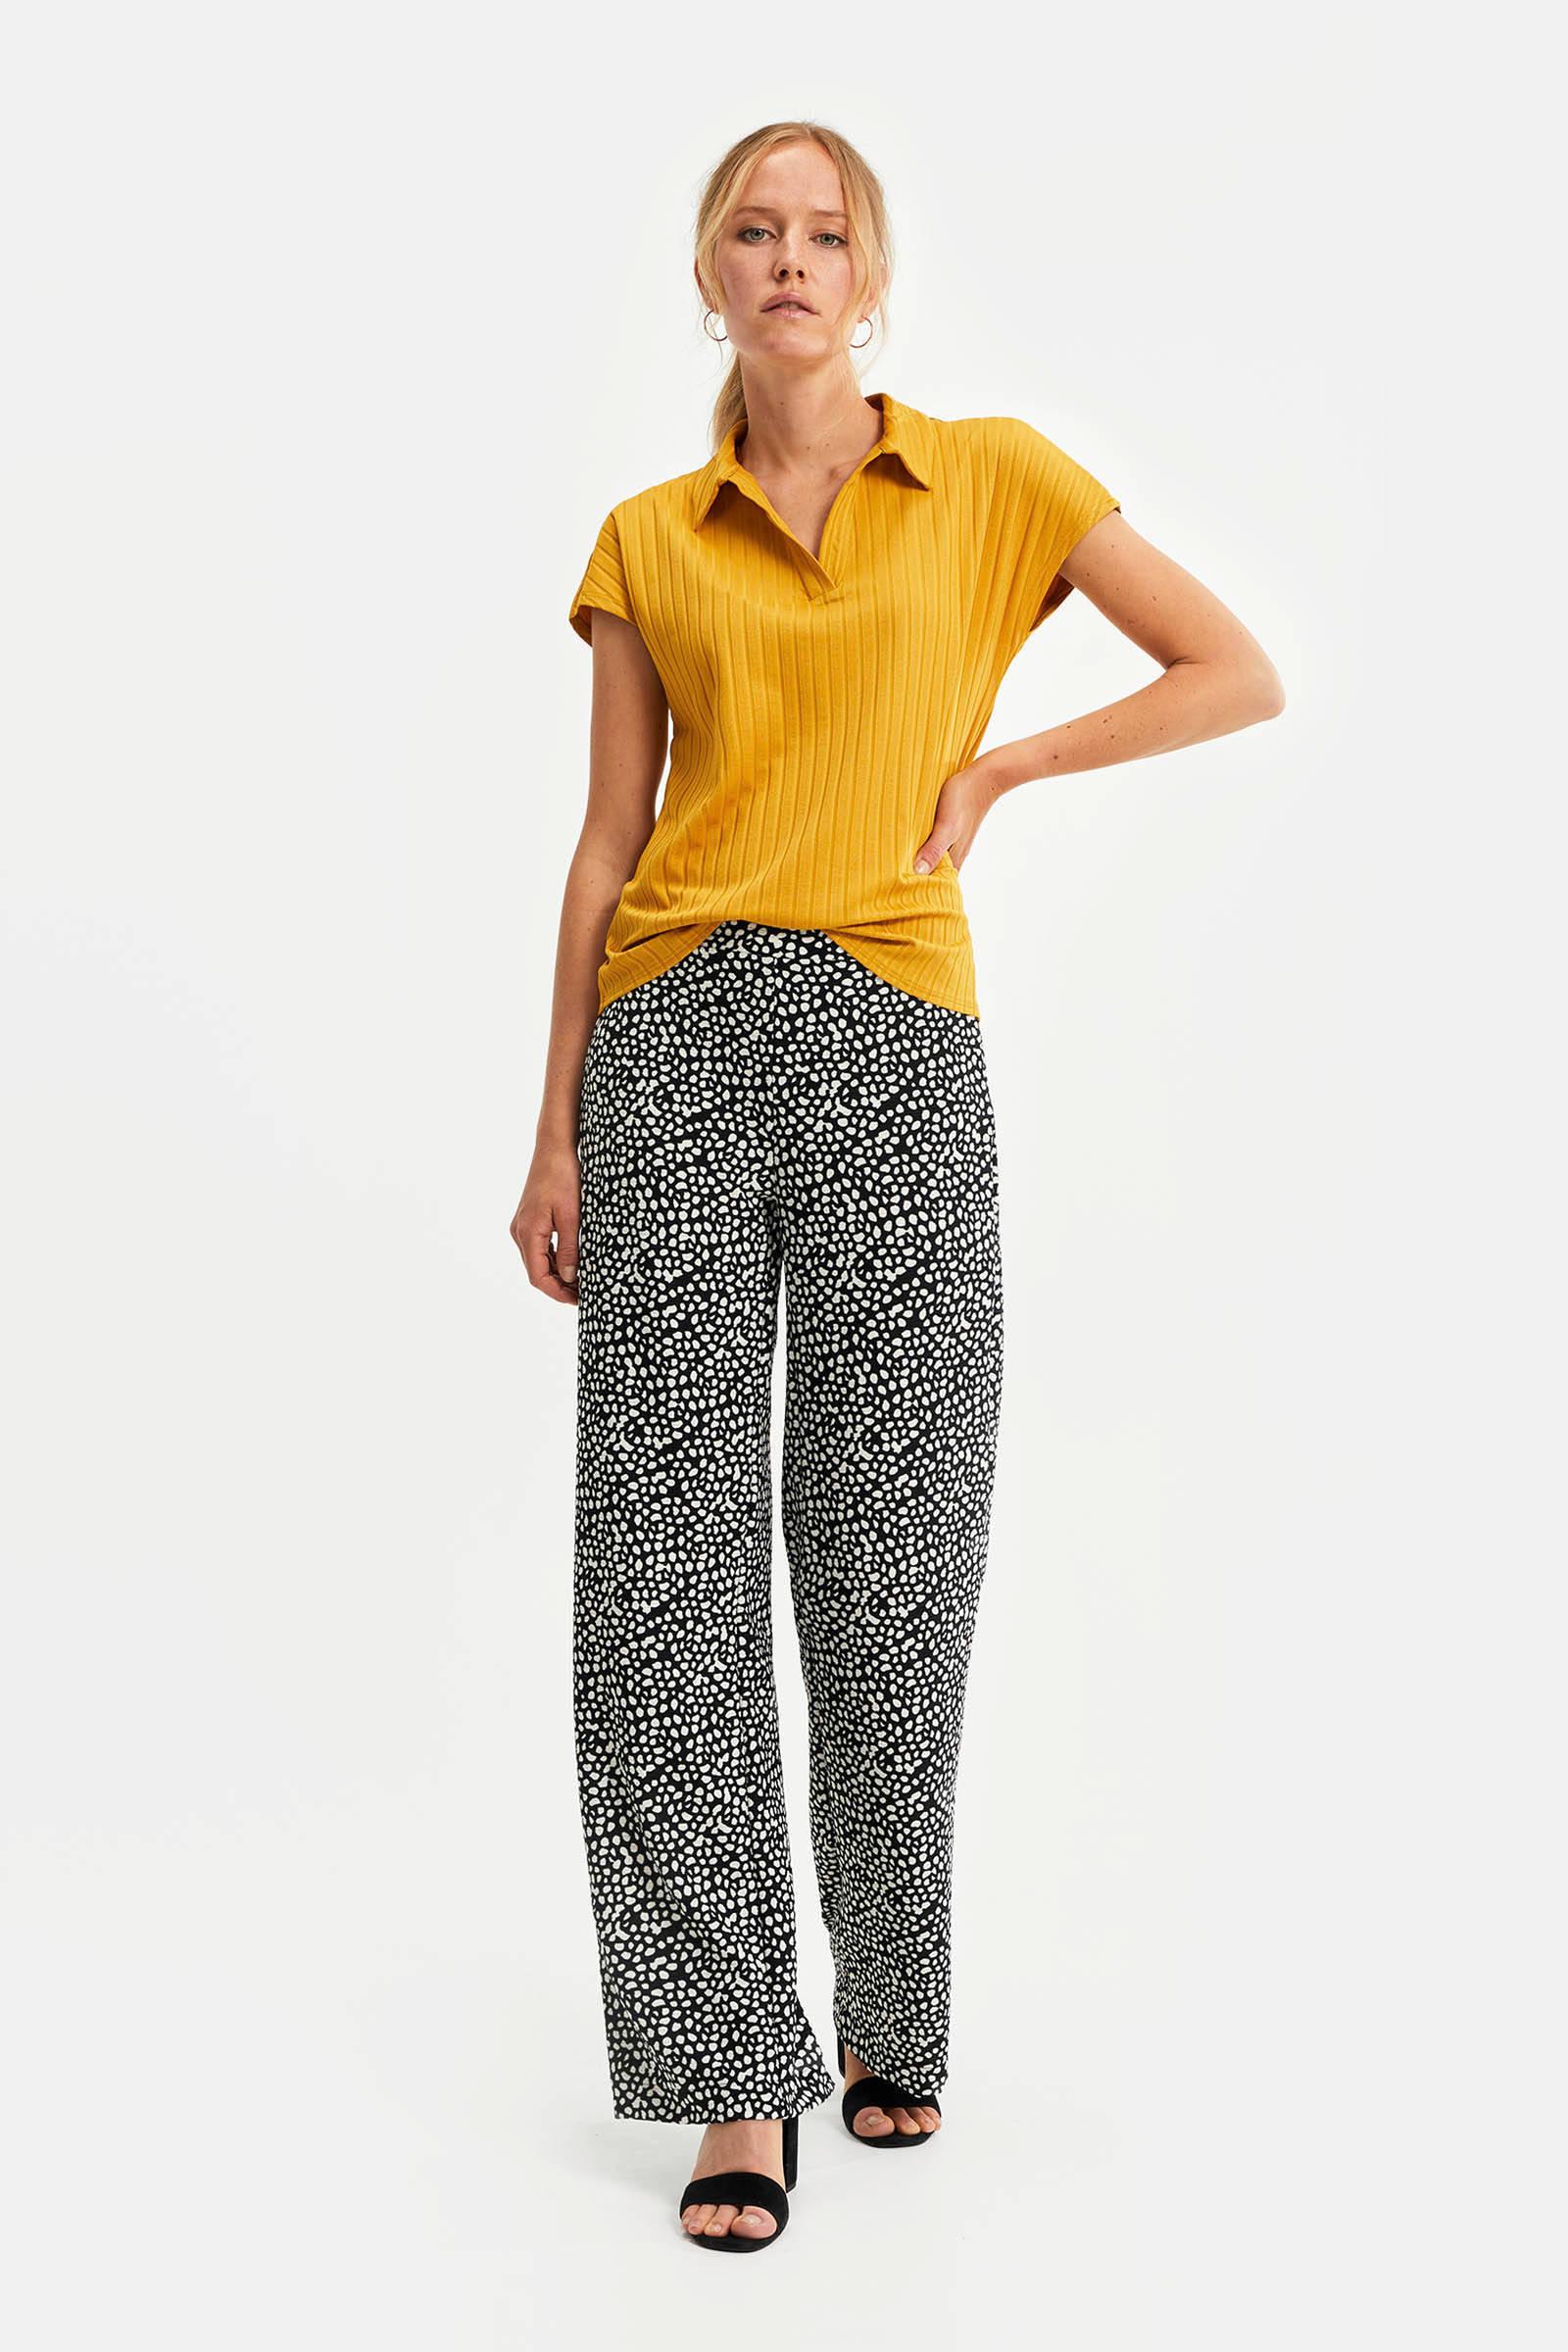 high waist loose fit broek met all over print zwart wit